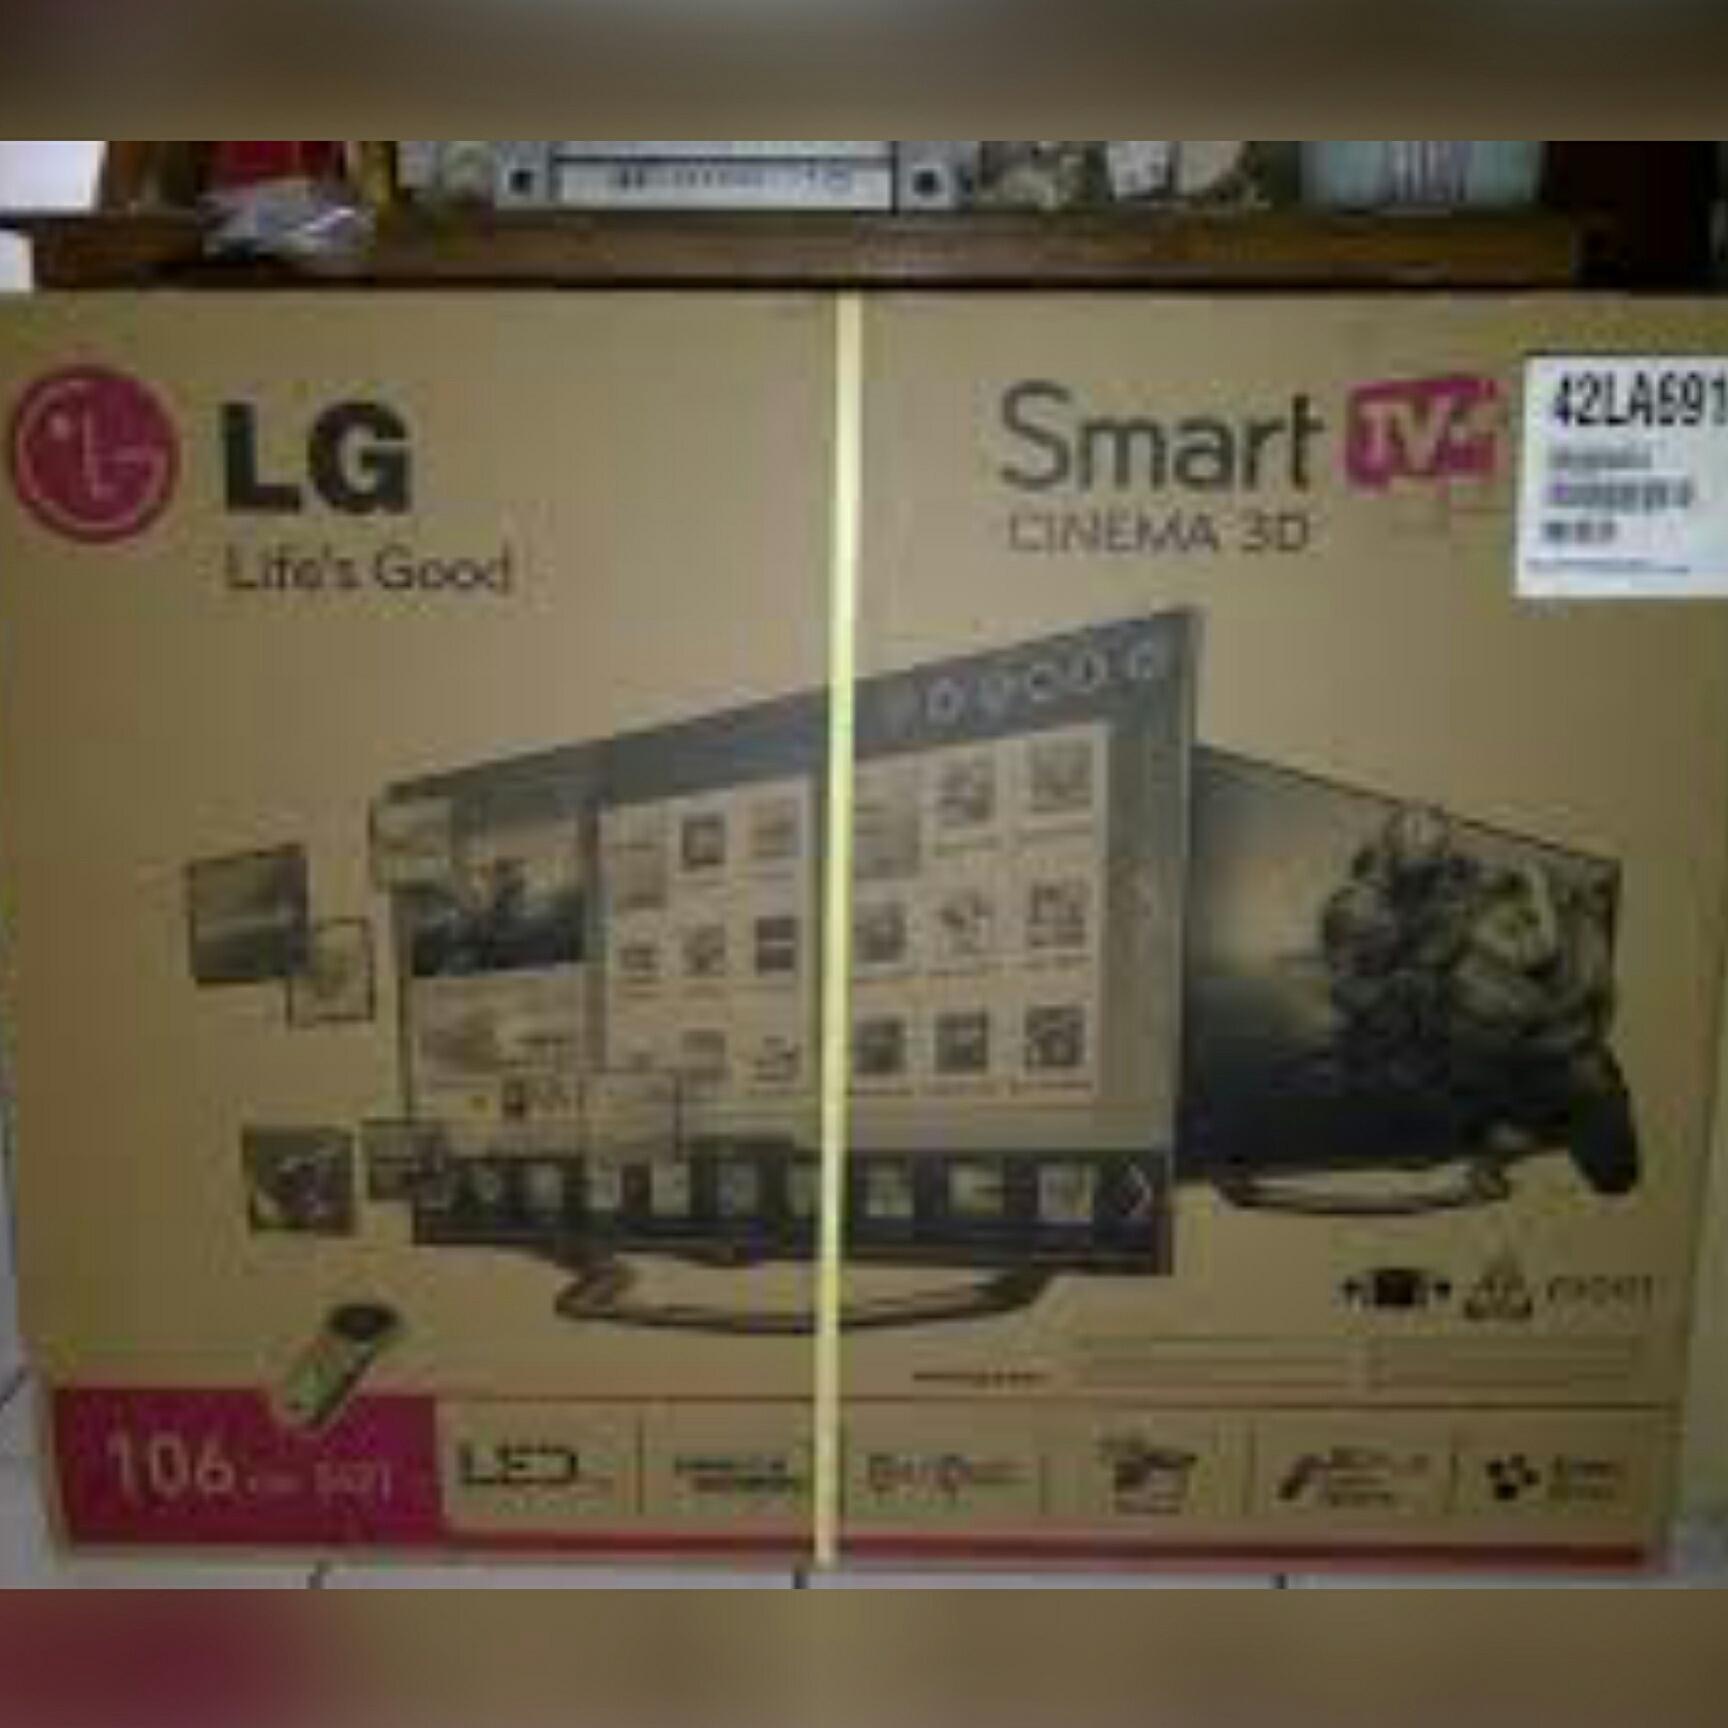 Harga Led Tv 43 Inch Lg 43lh500t Lengkap Dan Spesifikasi Terbaru Khusus Jabodetabek 42 Asli Original